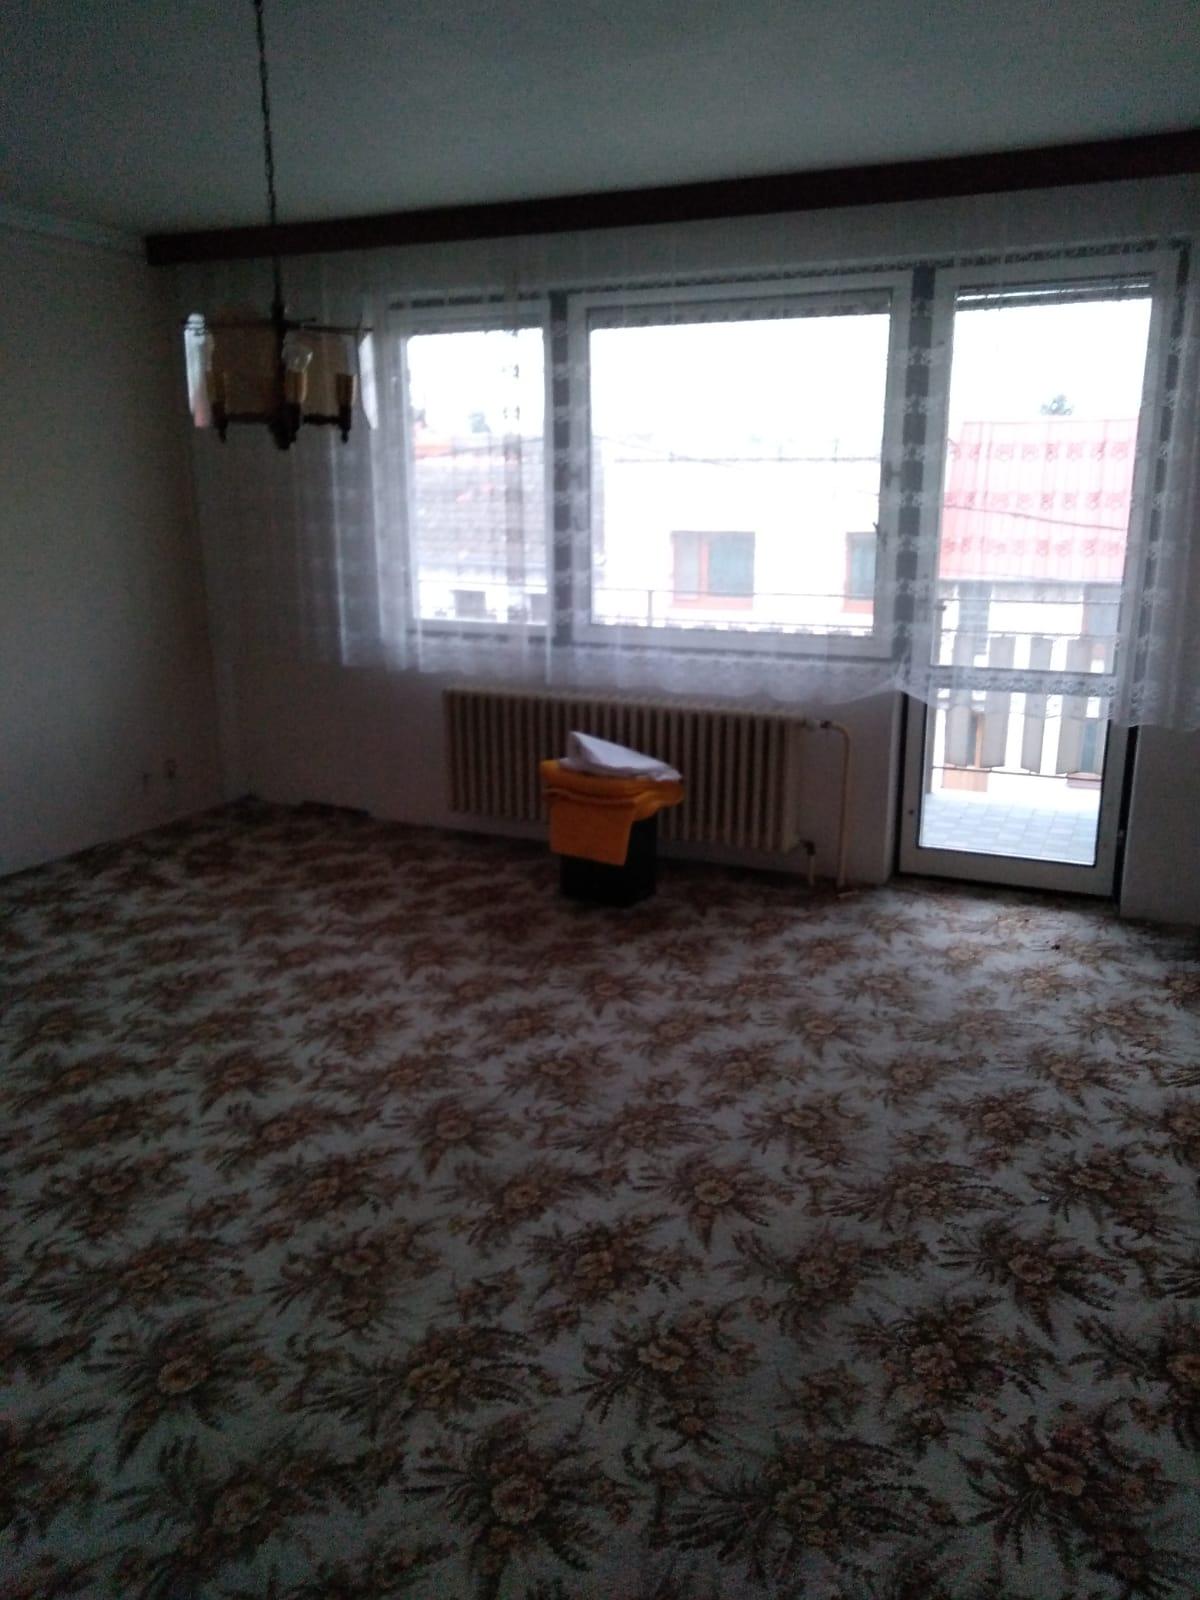 Náš sen bydlení ve vlastním 🏡🍀 - Snad jednou ložnice...